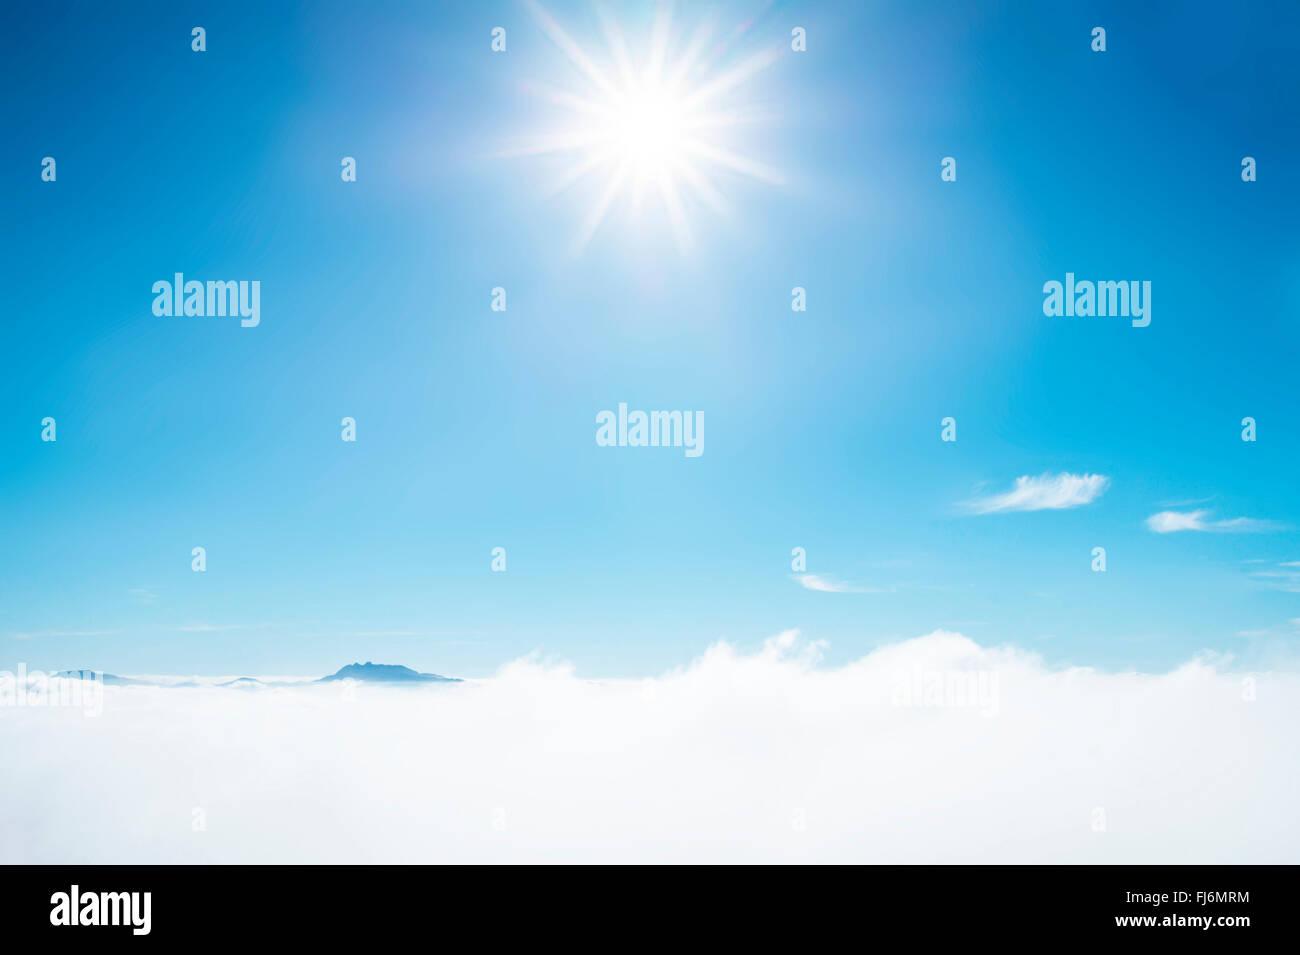 Raggi di sole splendente nel cielo azzurro. Blu cielo con strato di bianco delle nuvole nebuloso. Immagini Stock